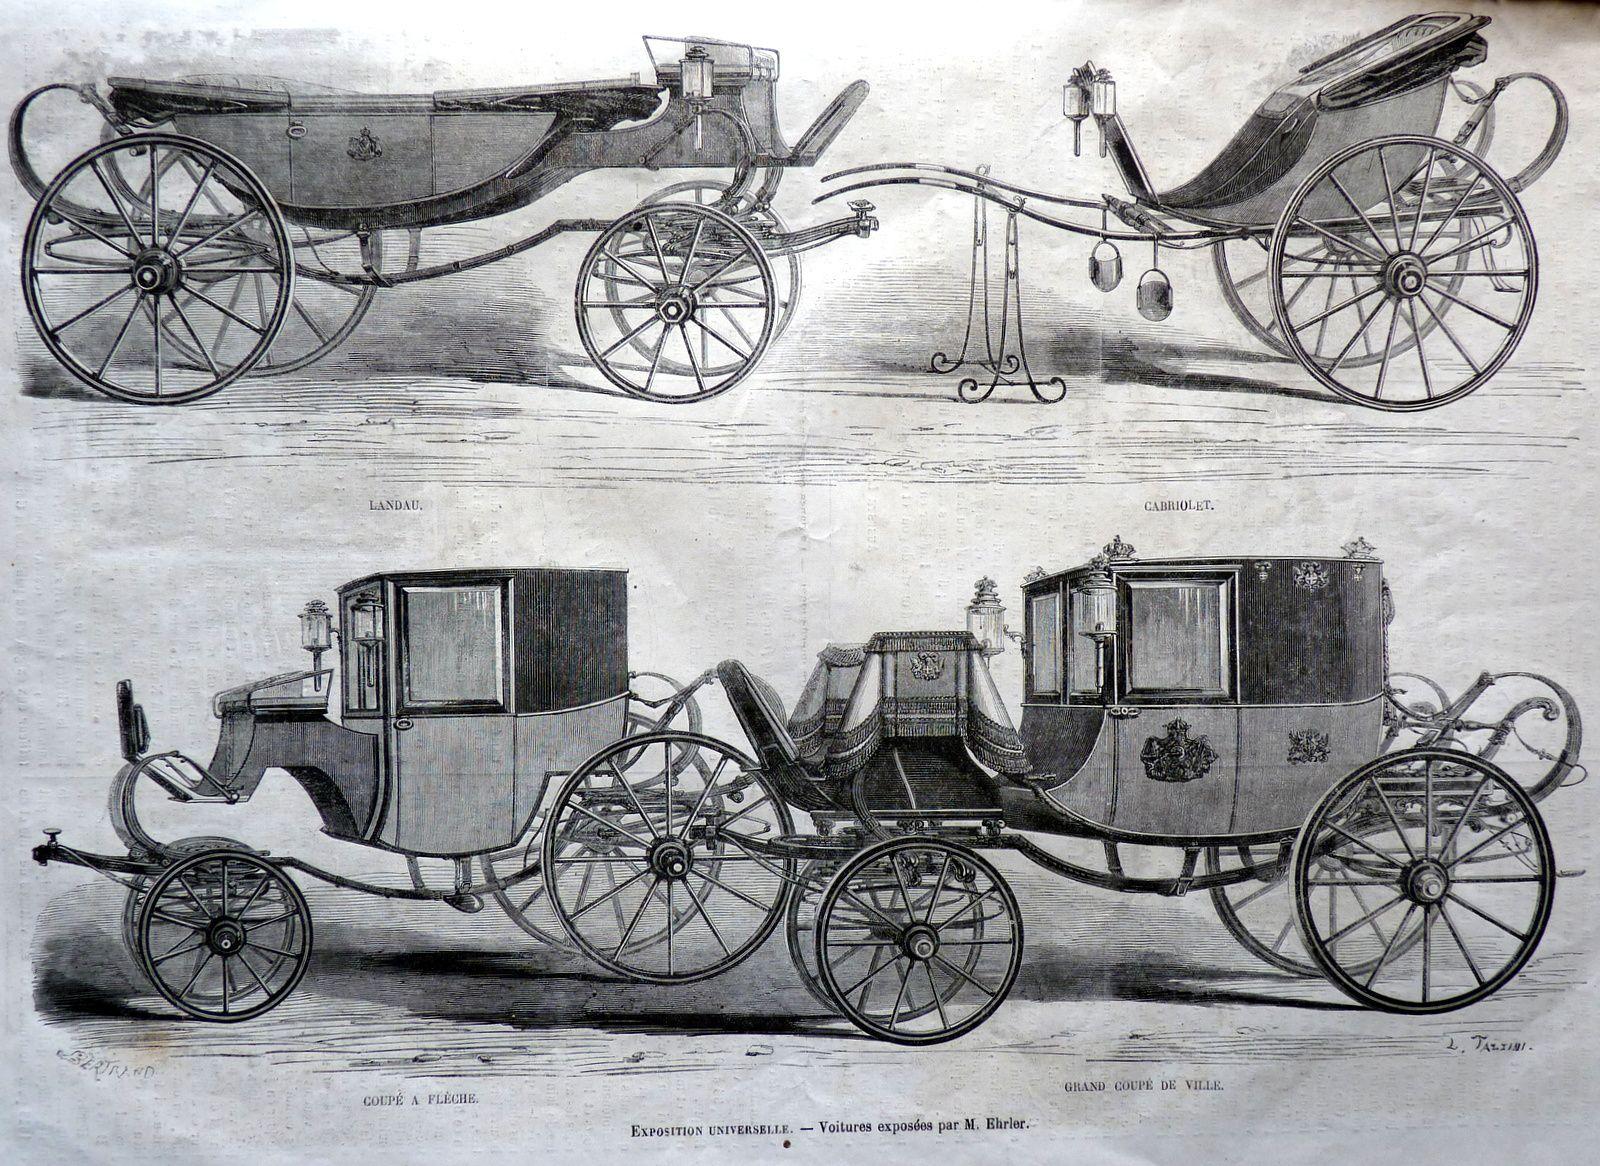 Voitures Ehrler à l'Exposition universelle de 1867